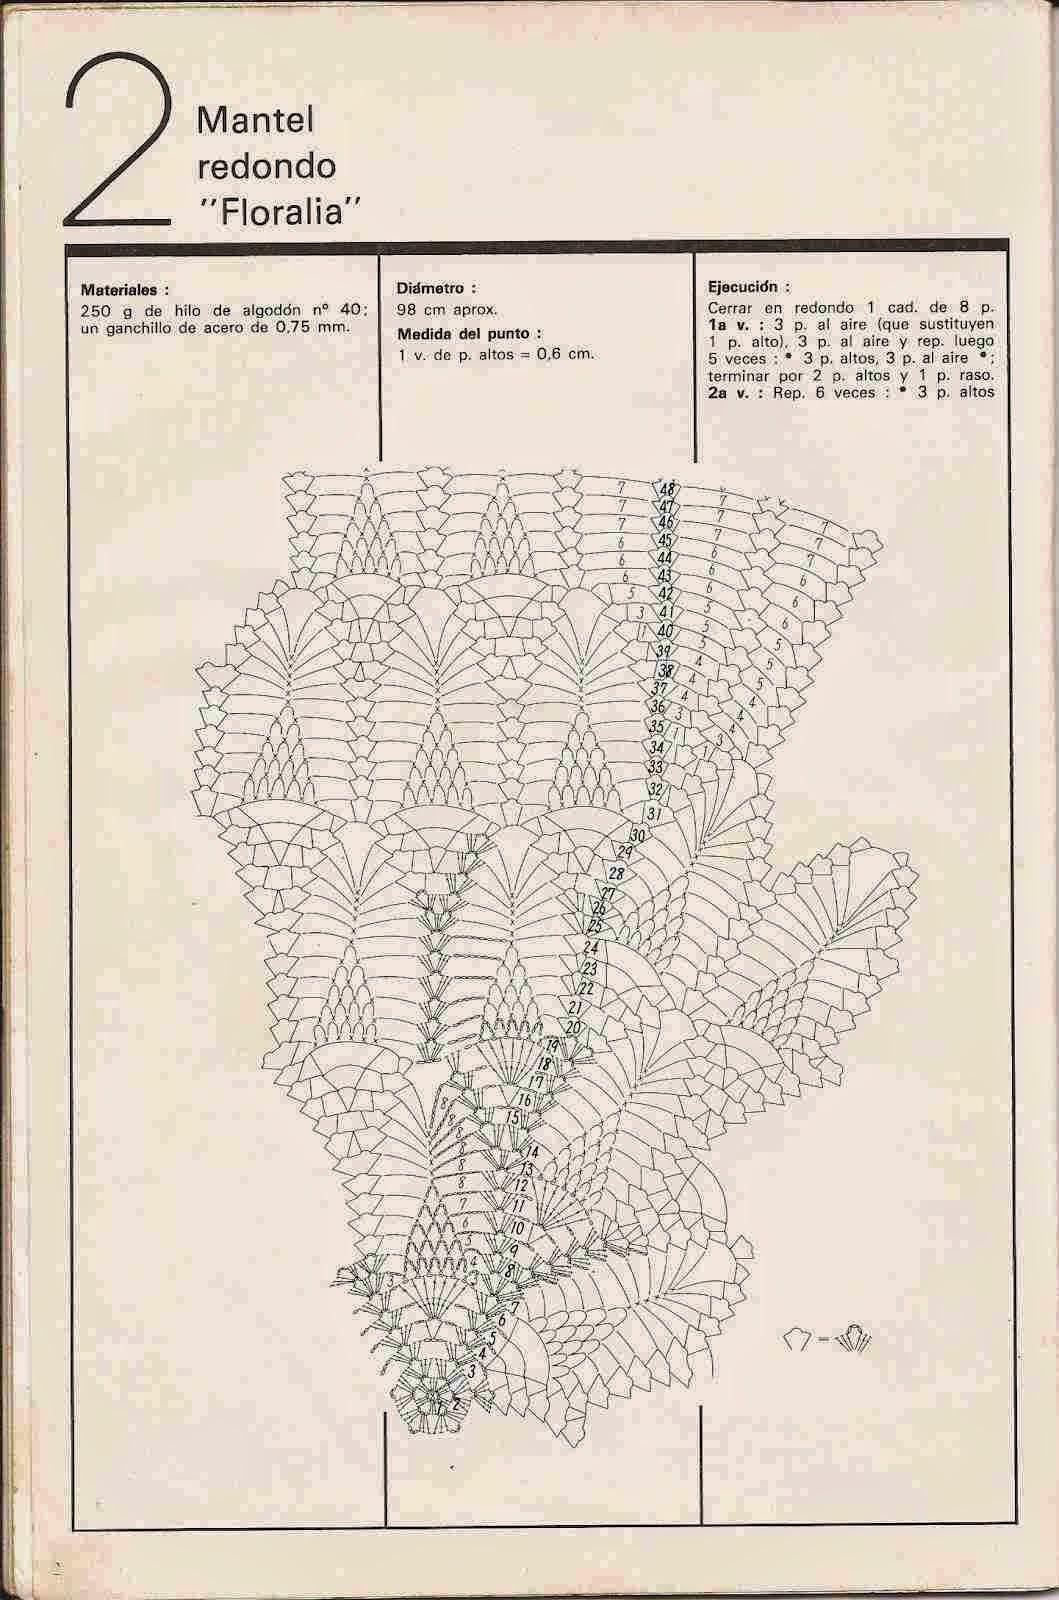 PATRONES GRATIS DE CROCHET: Patrón gratis de un bello mantel redondo ...